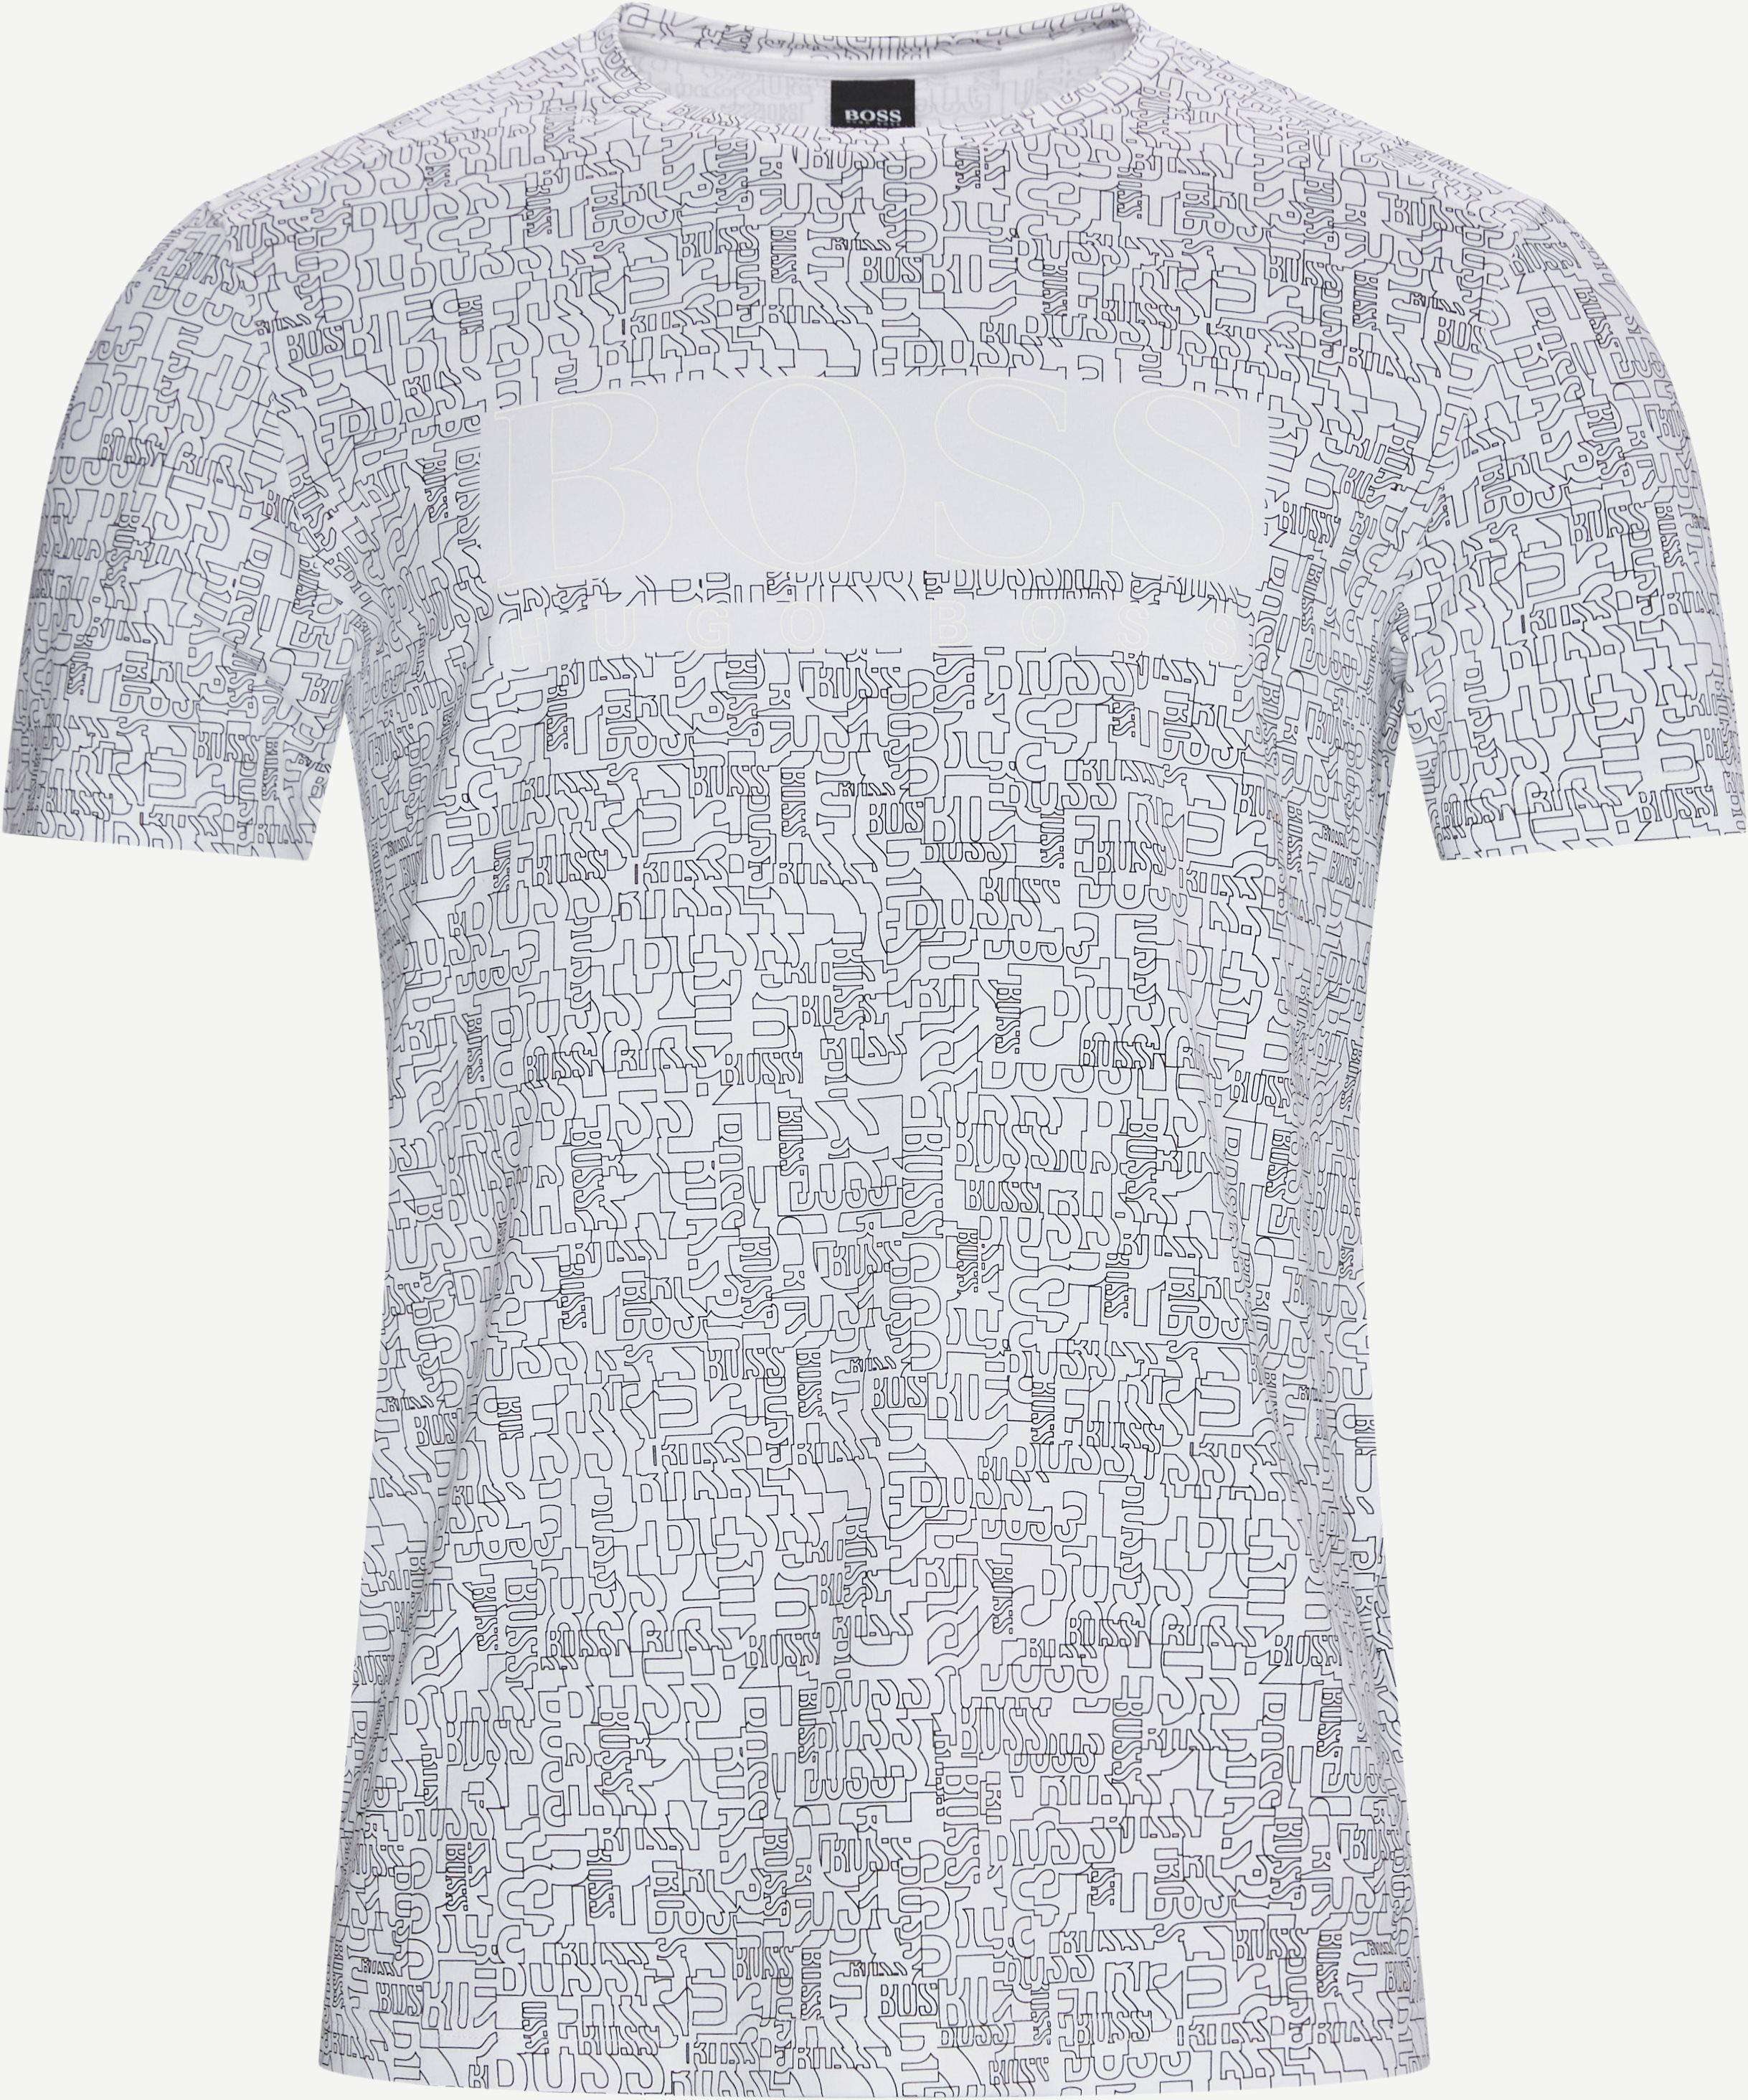 Tee 5 - T-shirts - Regular - White